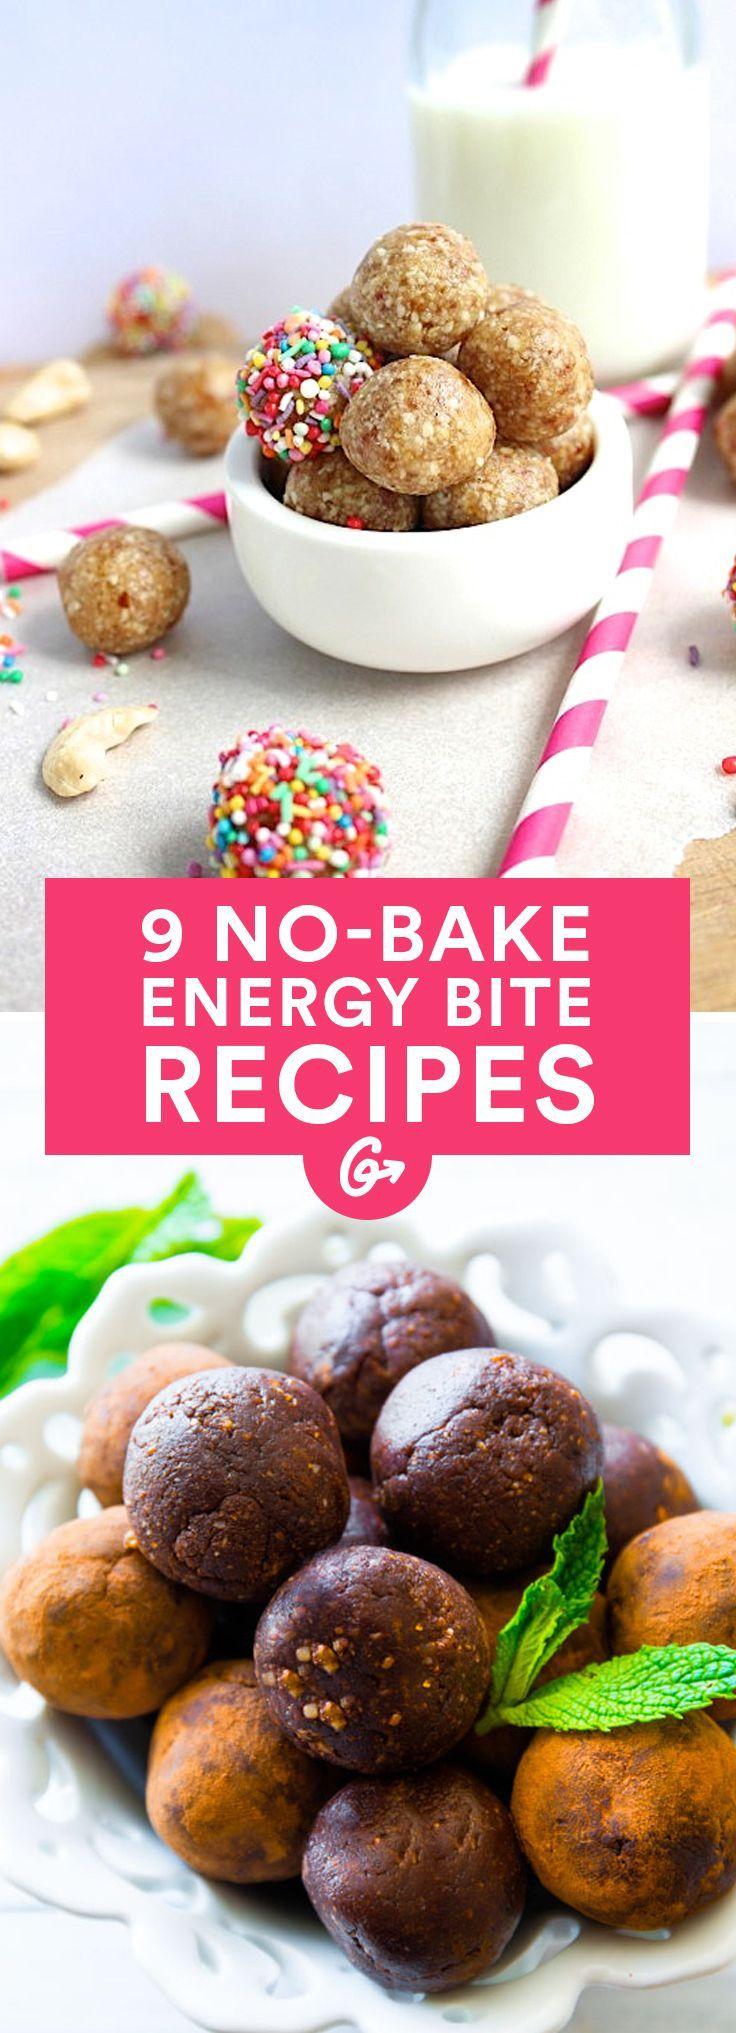 No-Bake Energy Bites: 9 No-Fuss Energy Bite Recipes